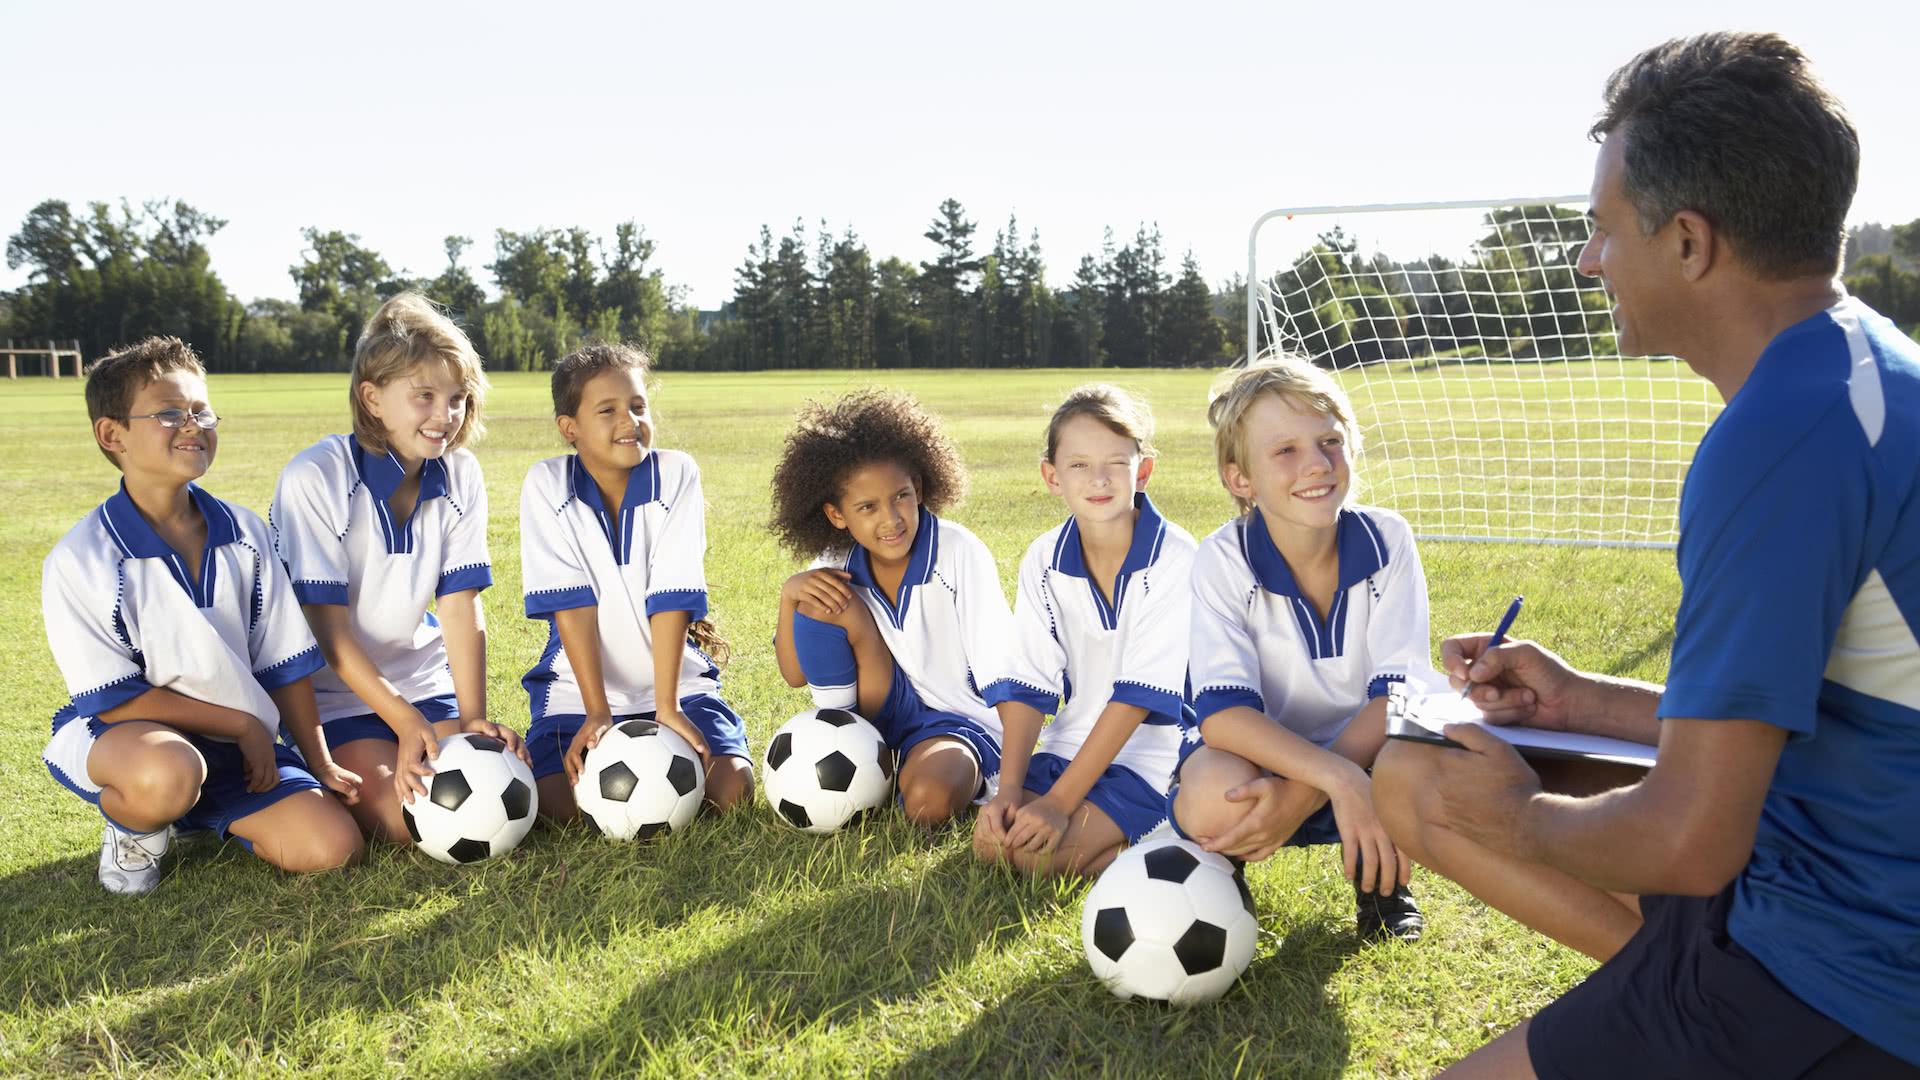 Sportfocus Lasten Valmentaminen